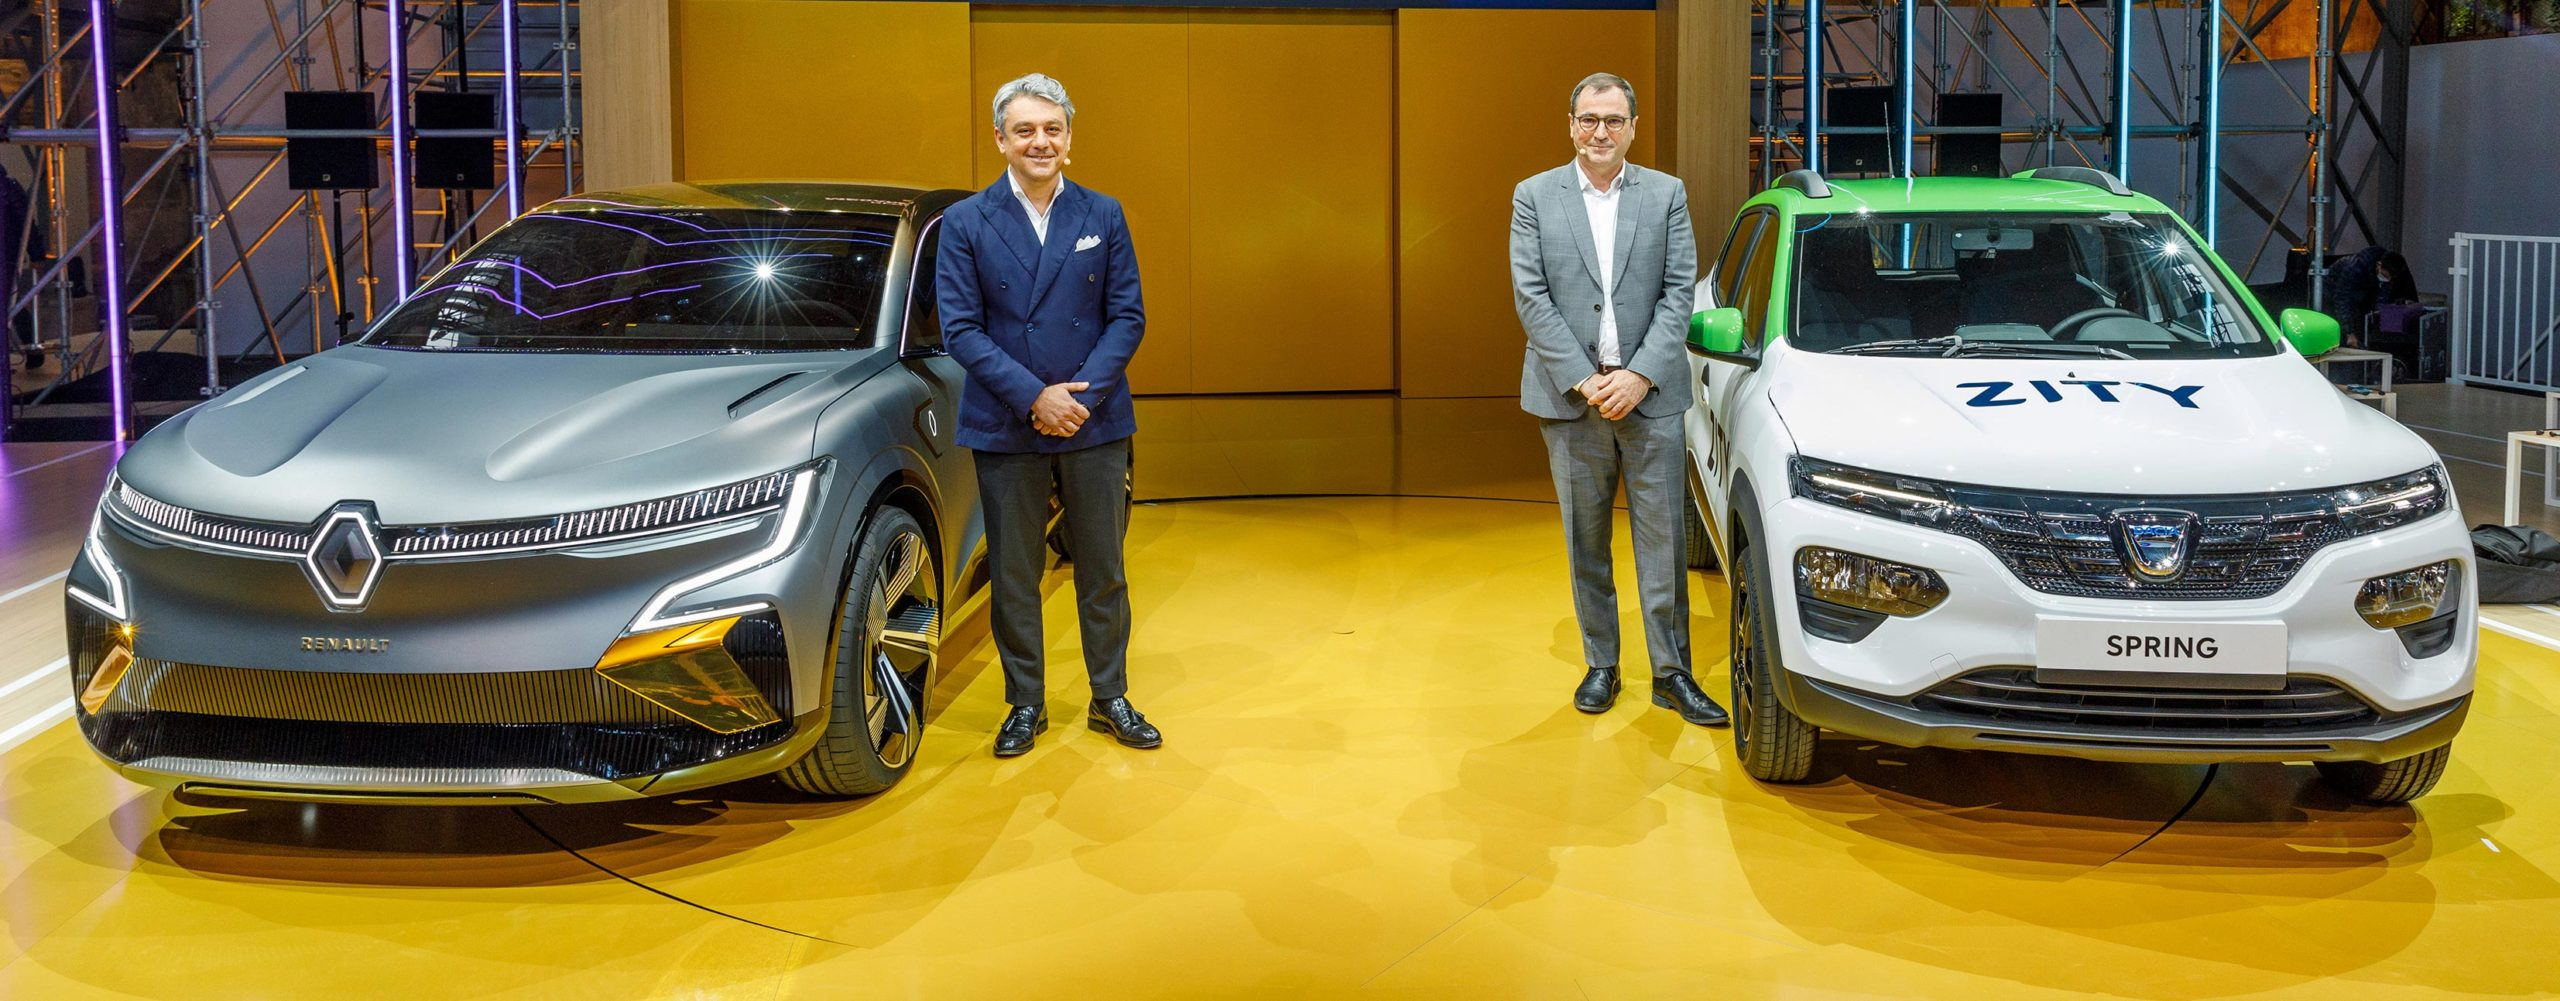 Renault apuesta por la movilidad 0 carbono